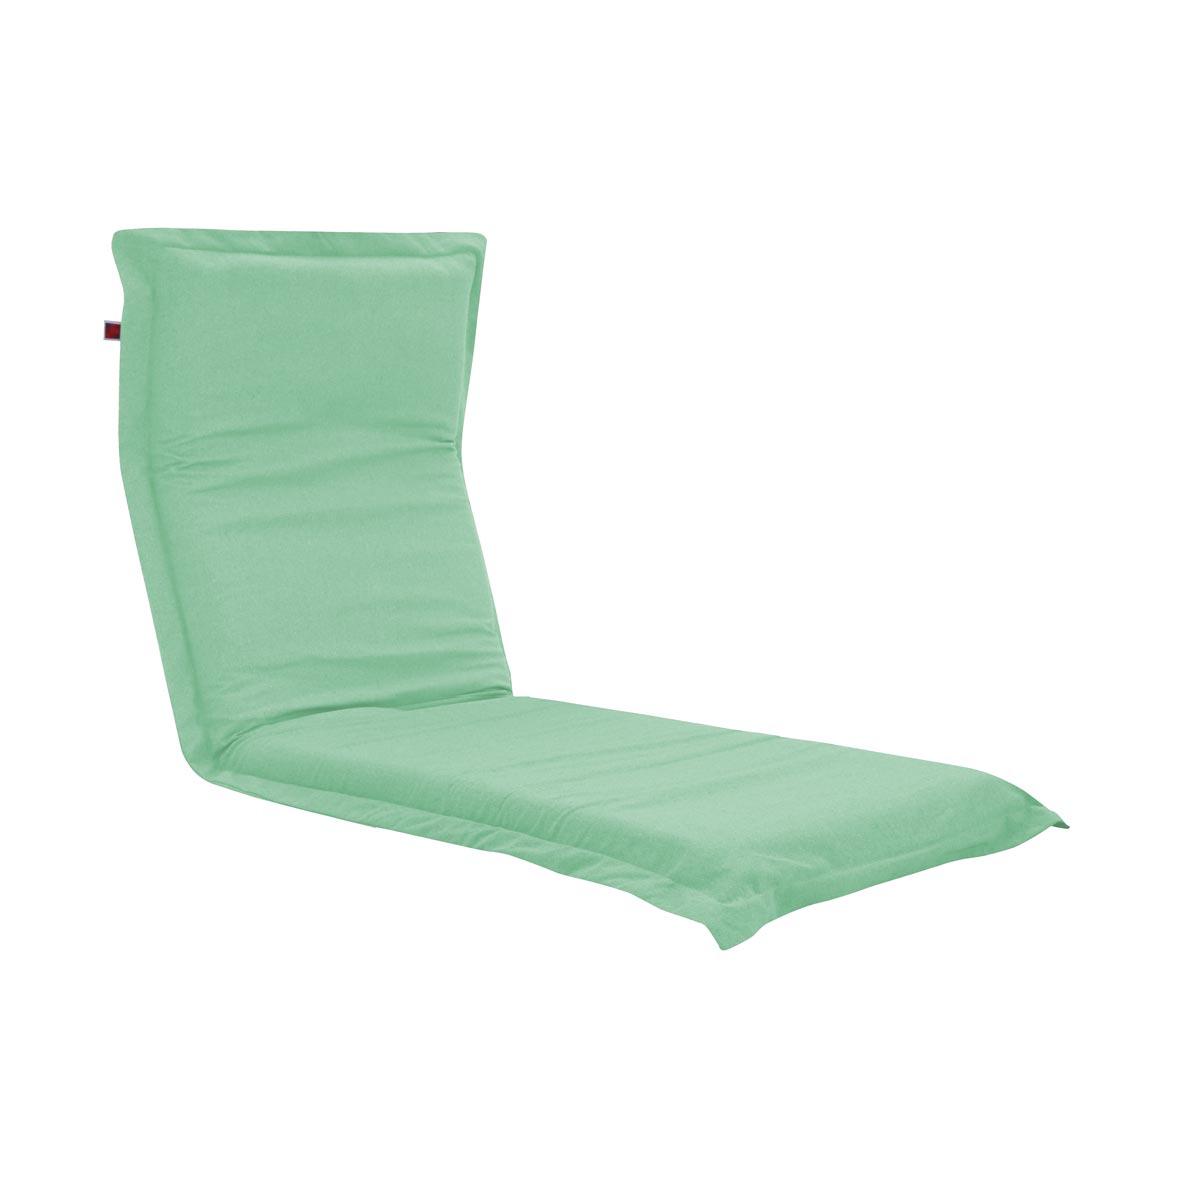 Pufe ClicClac Uno Lounge Tecido Ecolona Verde Menta 02 03b